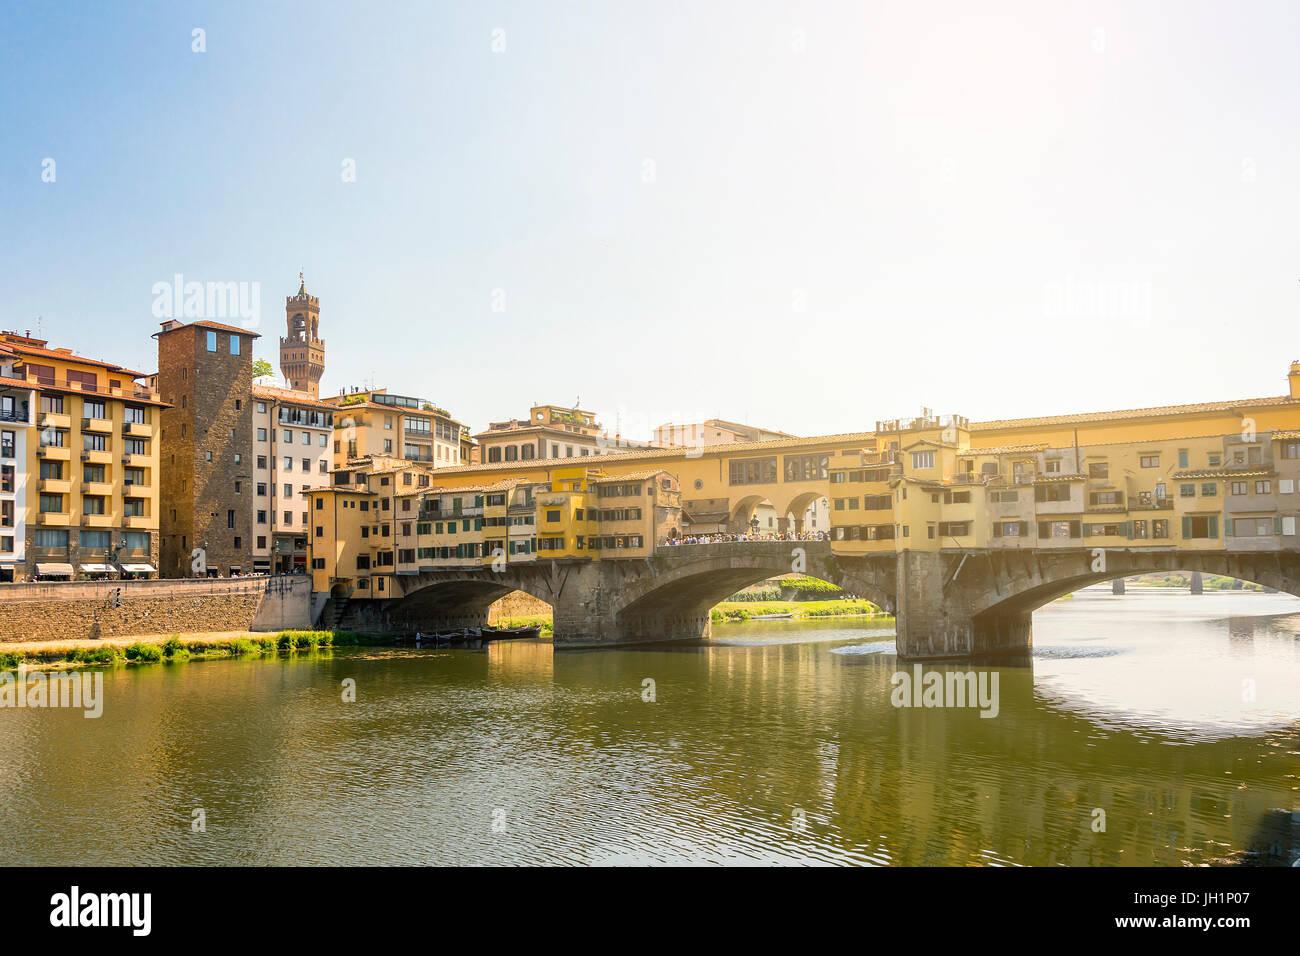 Mittelalterliche Steinerne Brücke Ponte Vecchio über den Arno in Florenz, Toskana, Italien. Florenz ist Stockbild